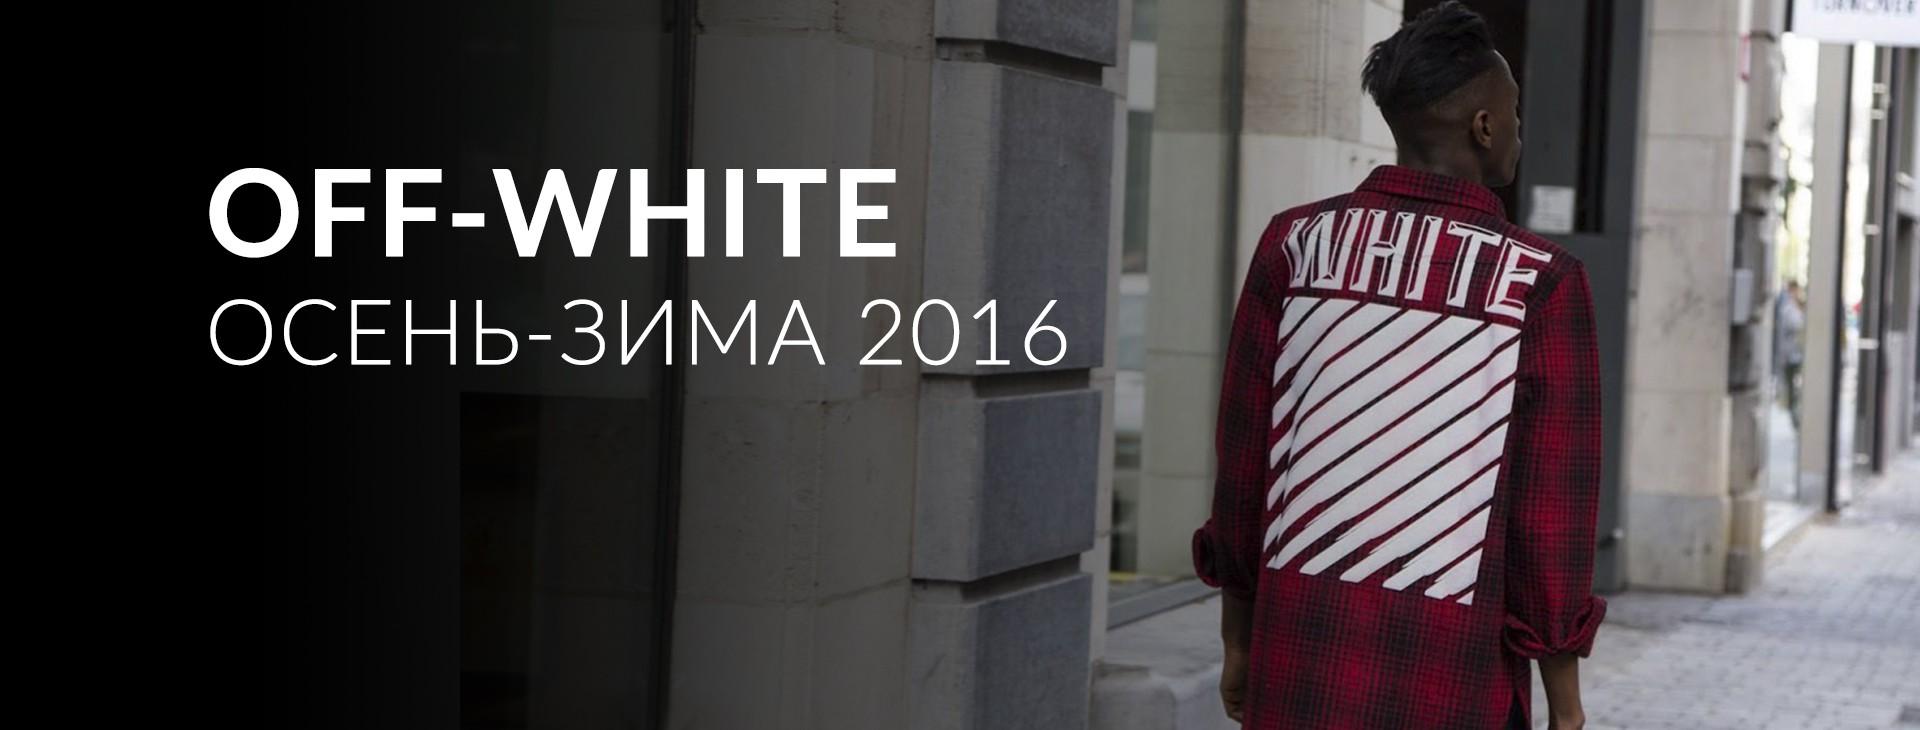 OFF-WHITE осень-зима 2016